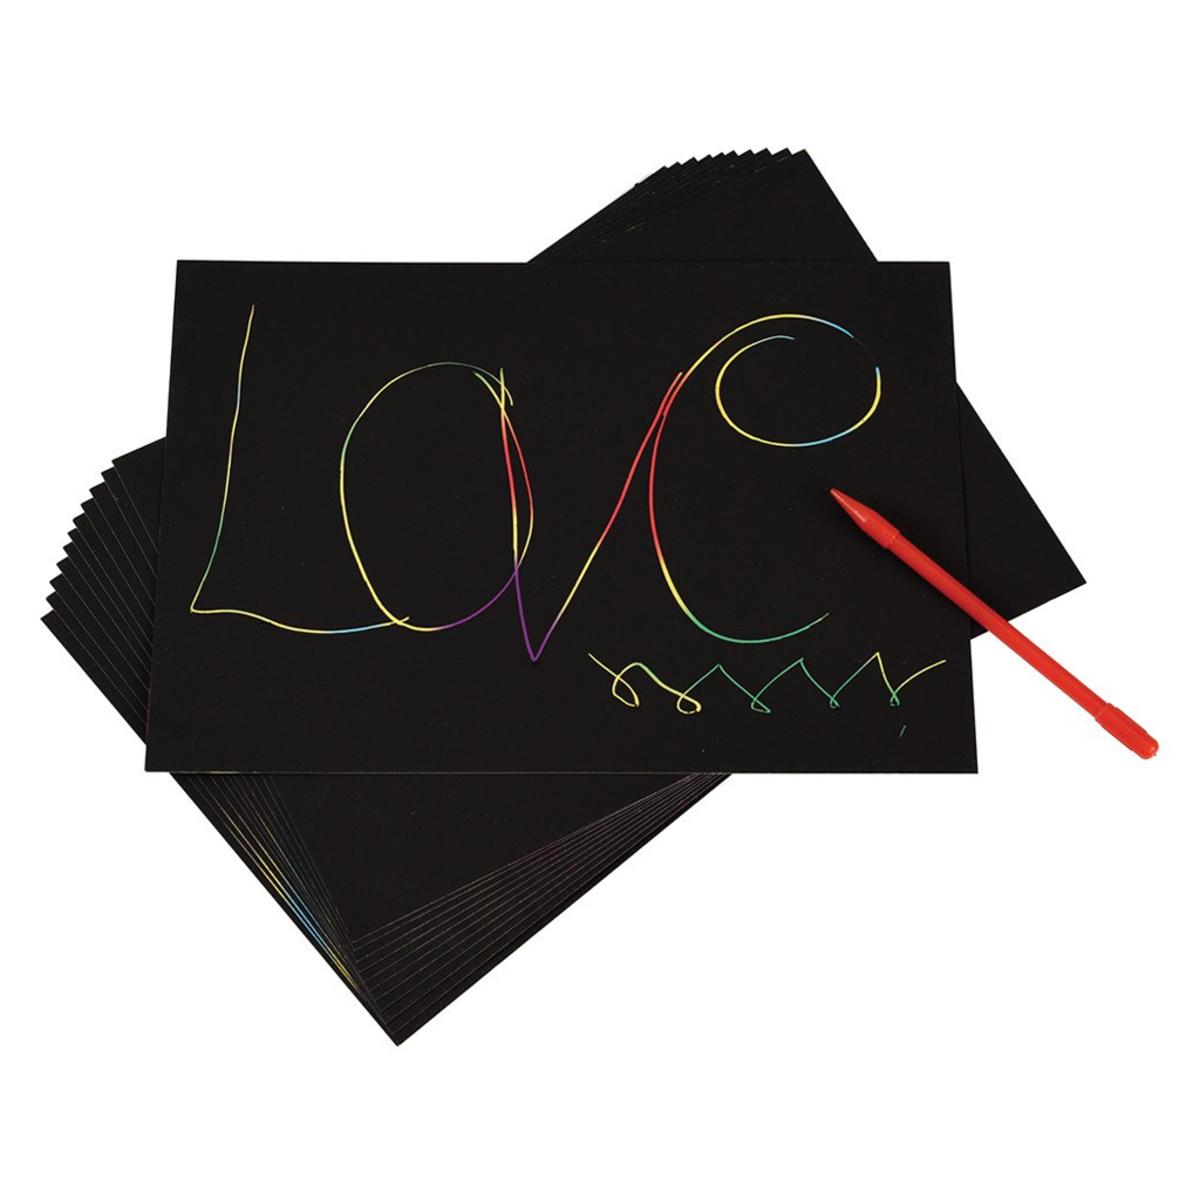 Livre & Carte Kit Papier à Gratter Arc-en-Ciel Kit Papier à Gratter Arc-en-Ciel